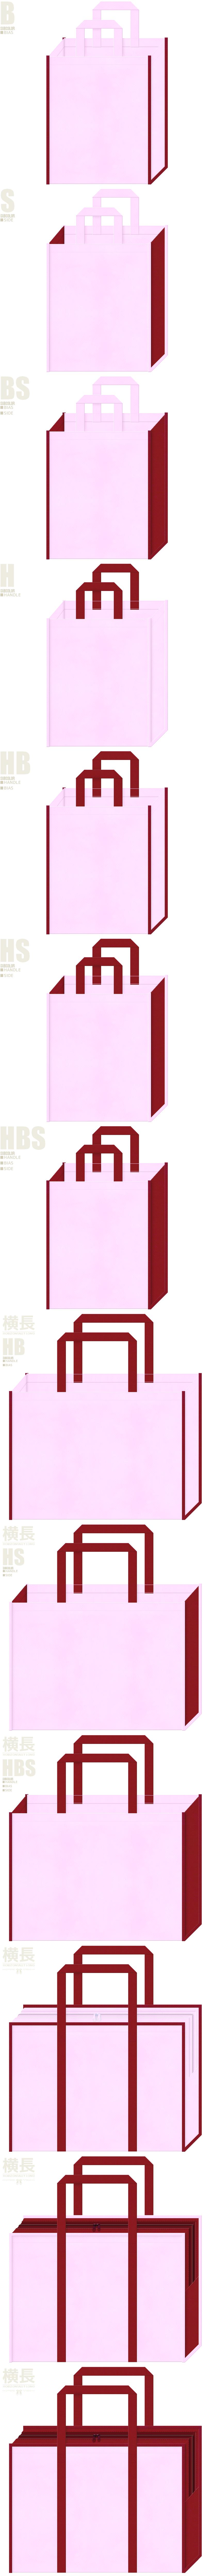 学校・学園・オープンキャンパス・レッスンバッグ・着物・振袖・成人式・ひな祭り・お正月・写真館・和風催事にお奨めの不織布バッグデザイン:パステルピンク色とエンジ色の配色10パターン